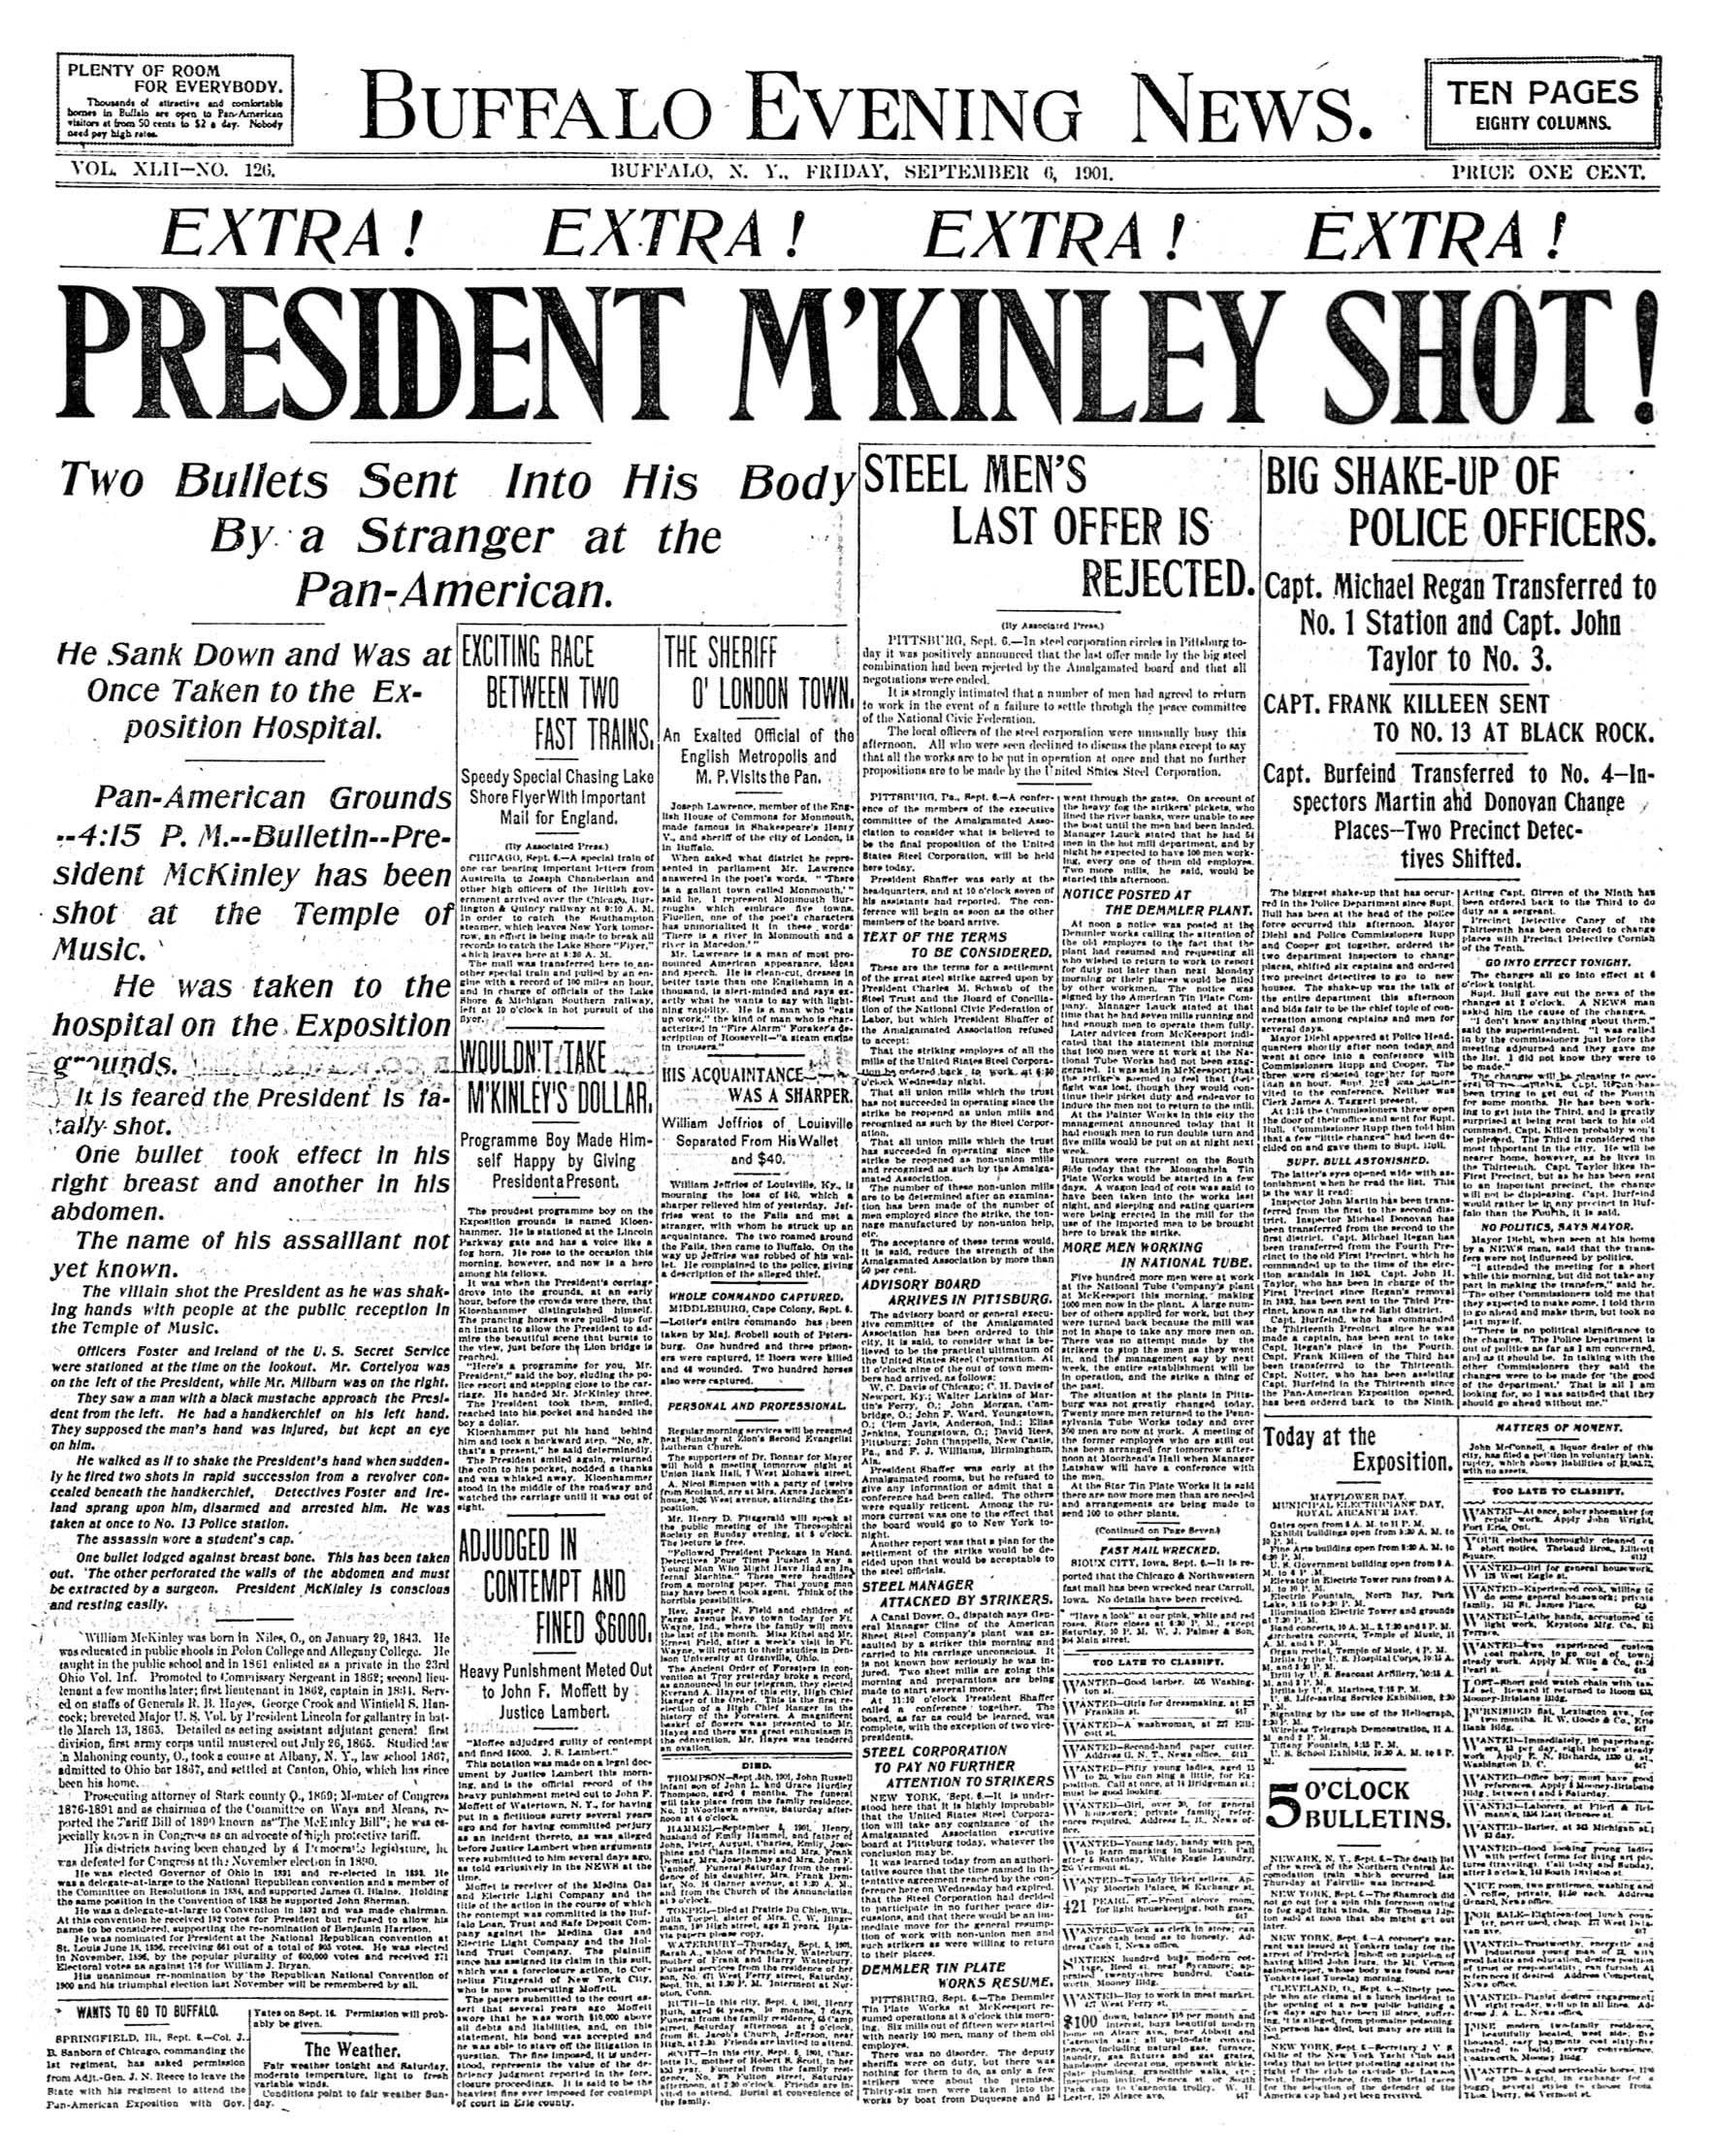 McKinley shot